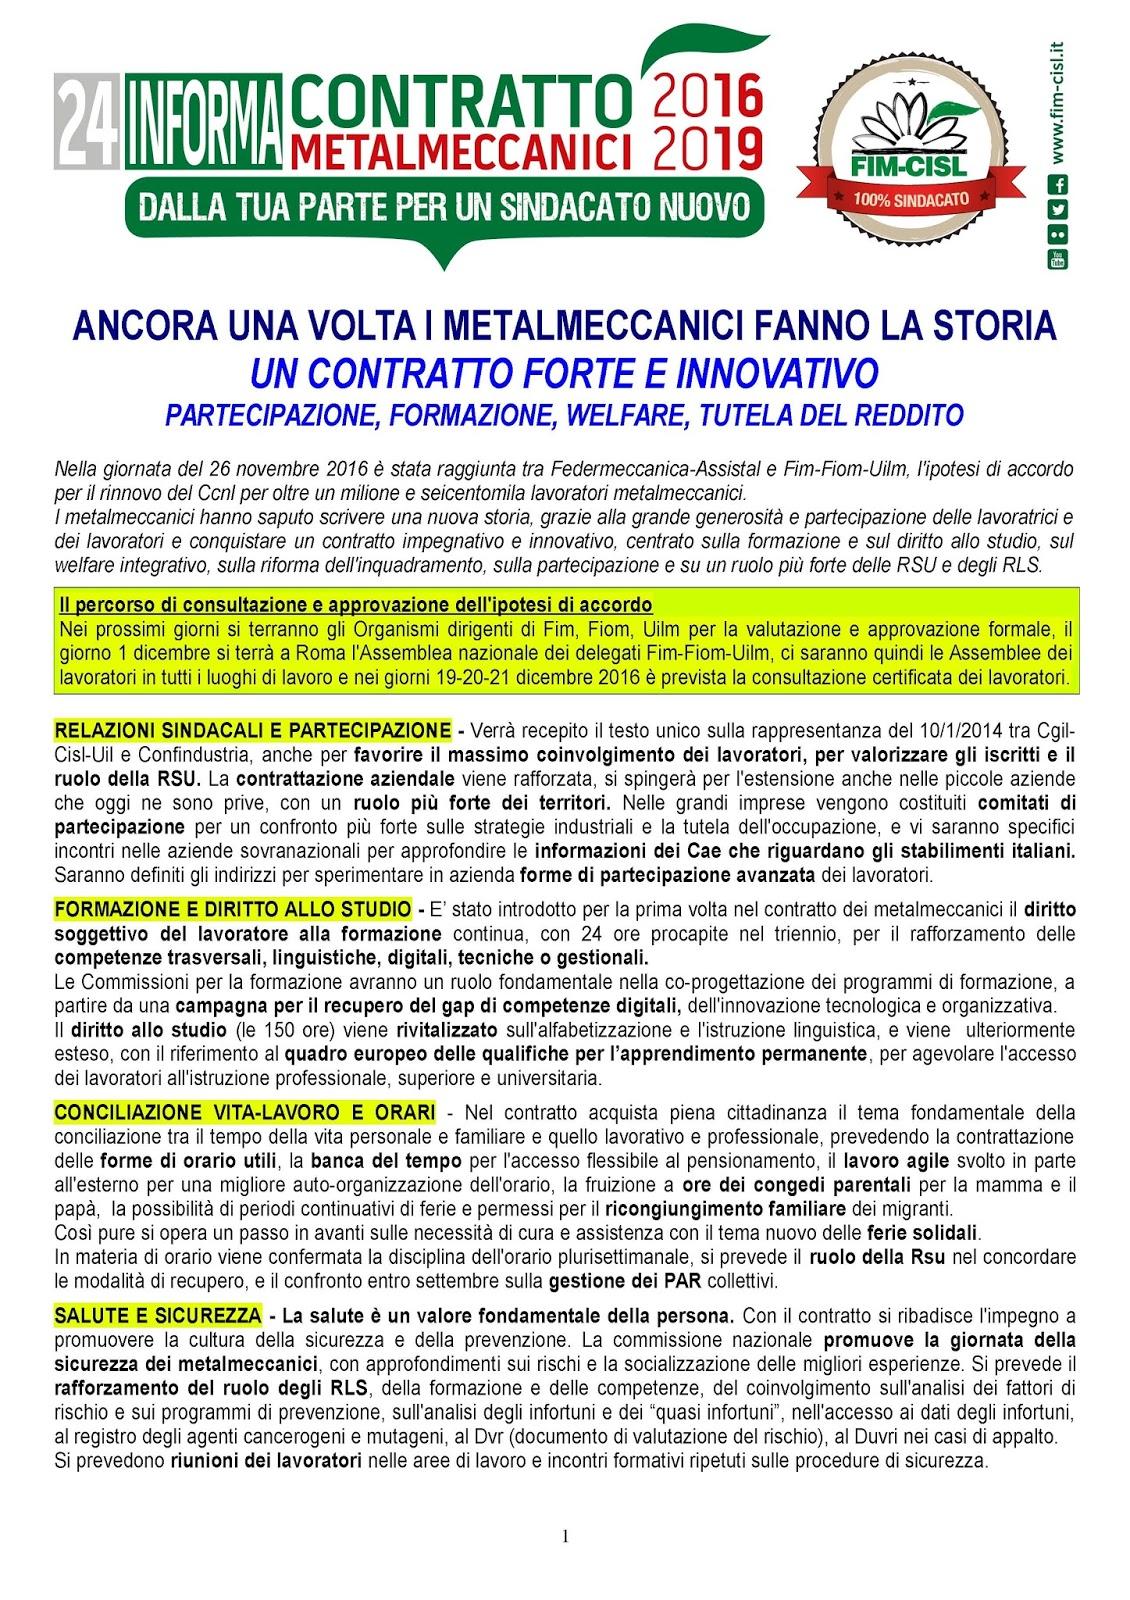 Fim cisl milano metropoli rinnovo contratto for Contratto 3 2